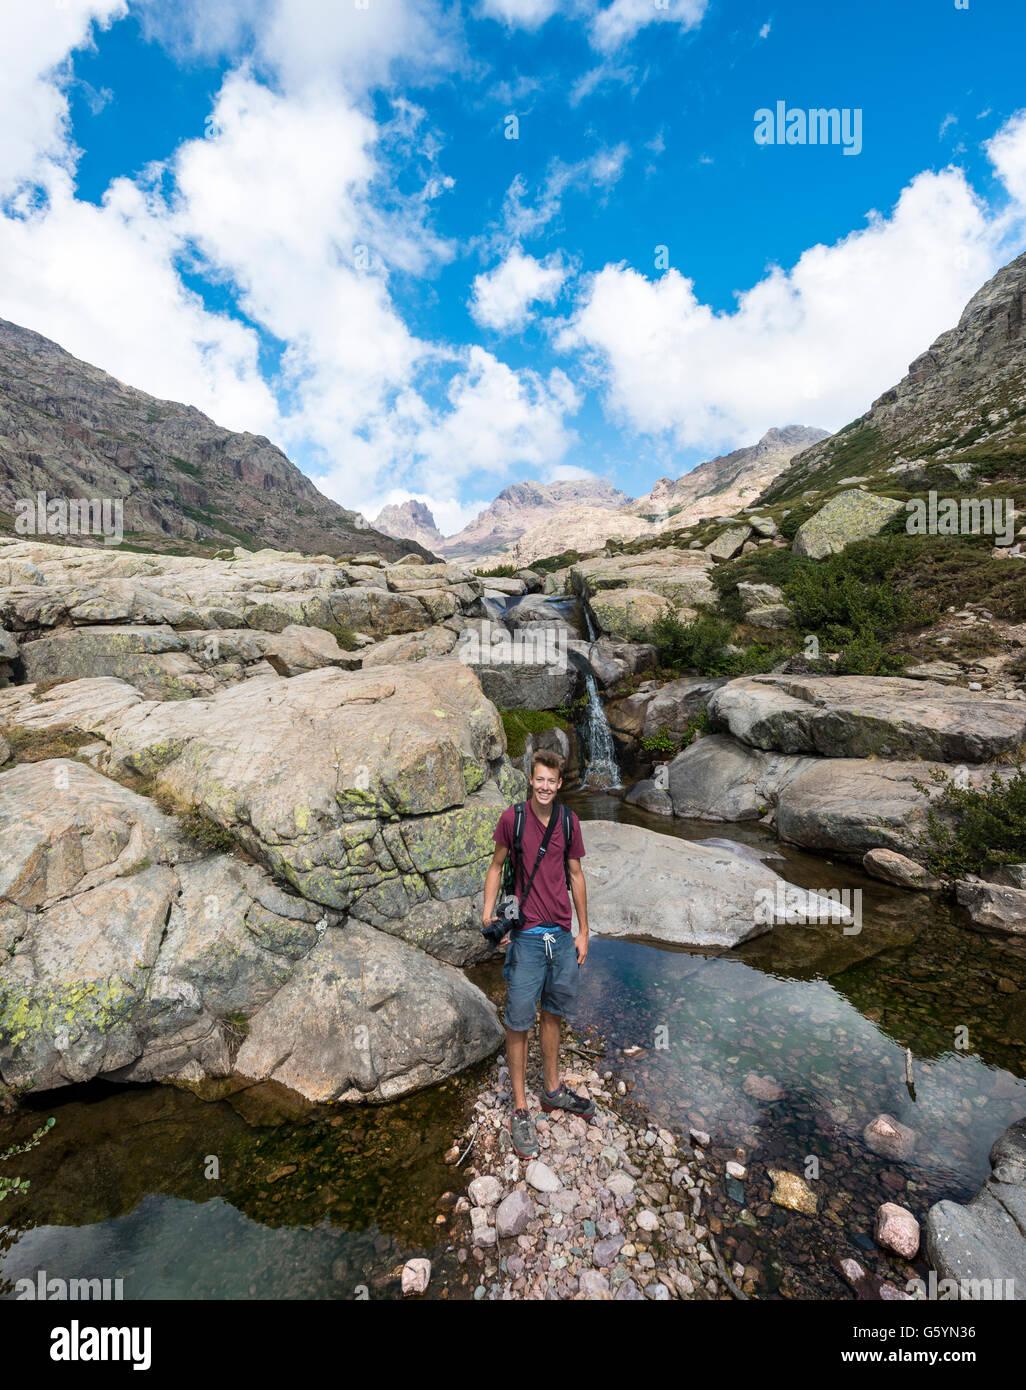 Jeune homme debout à une piscine avec une petite cascade dans les montagnes, rivière Golo, Parc Naturel de la Corse Banque D'Images